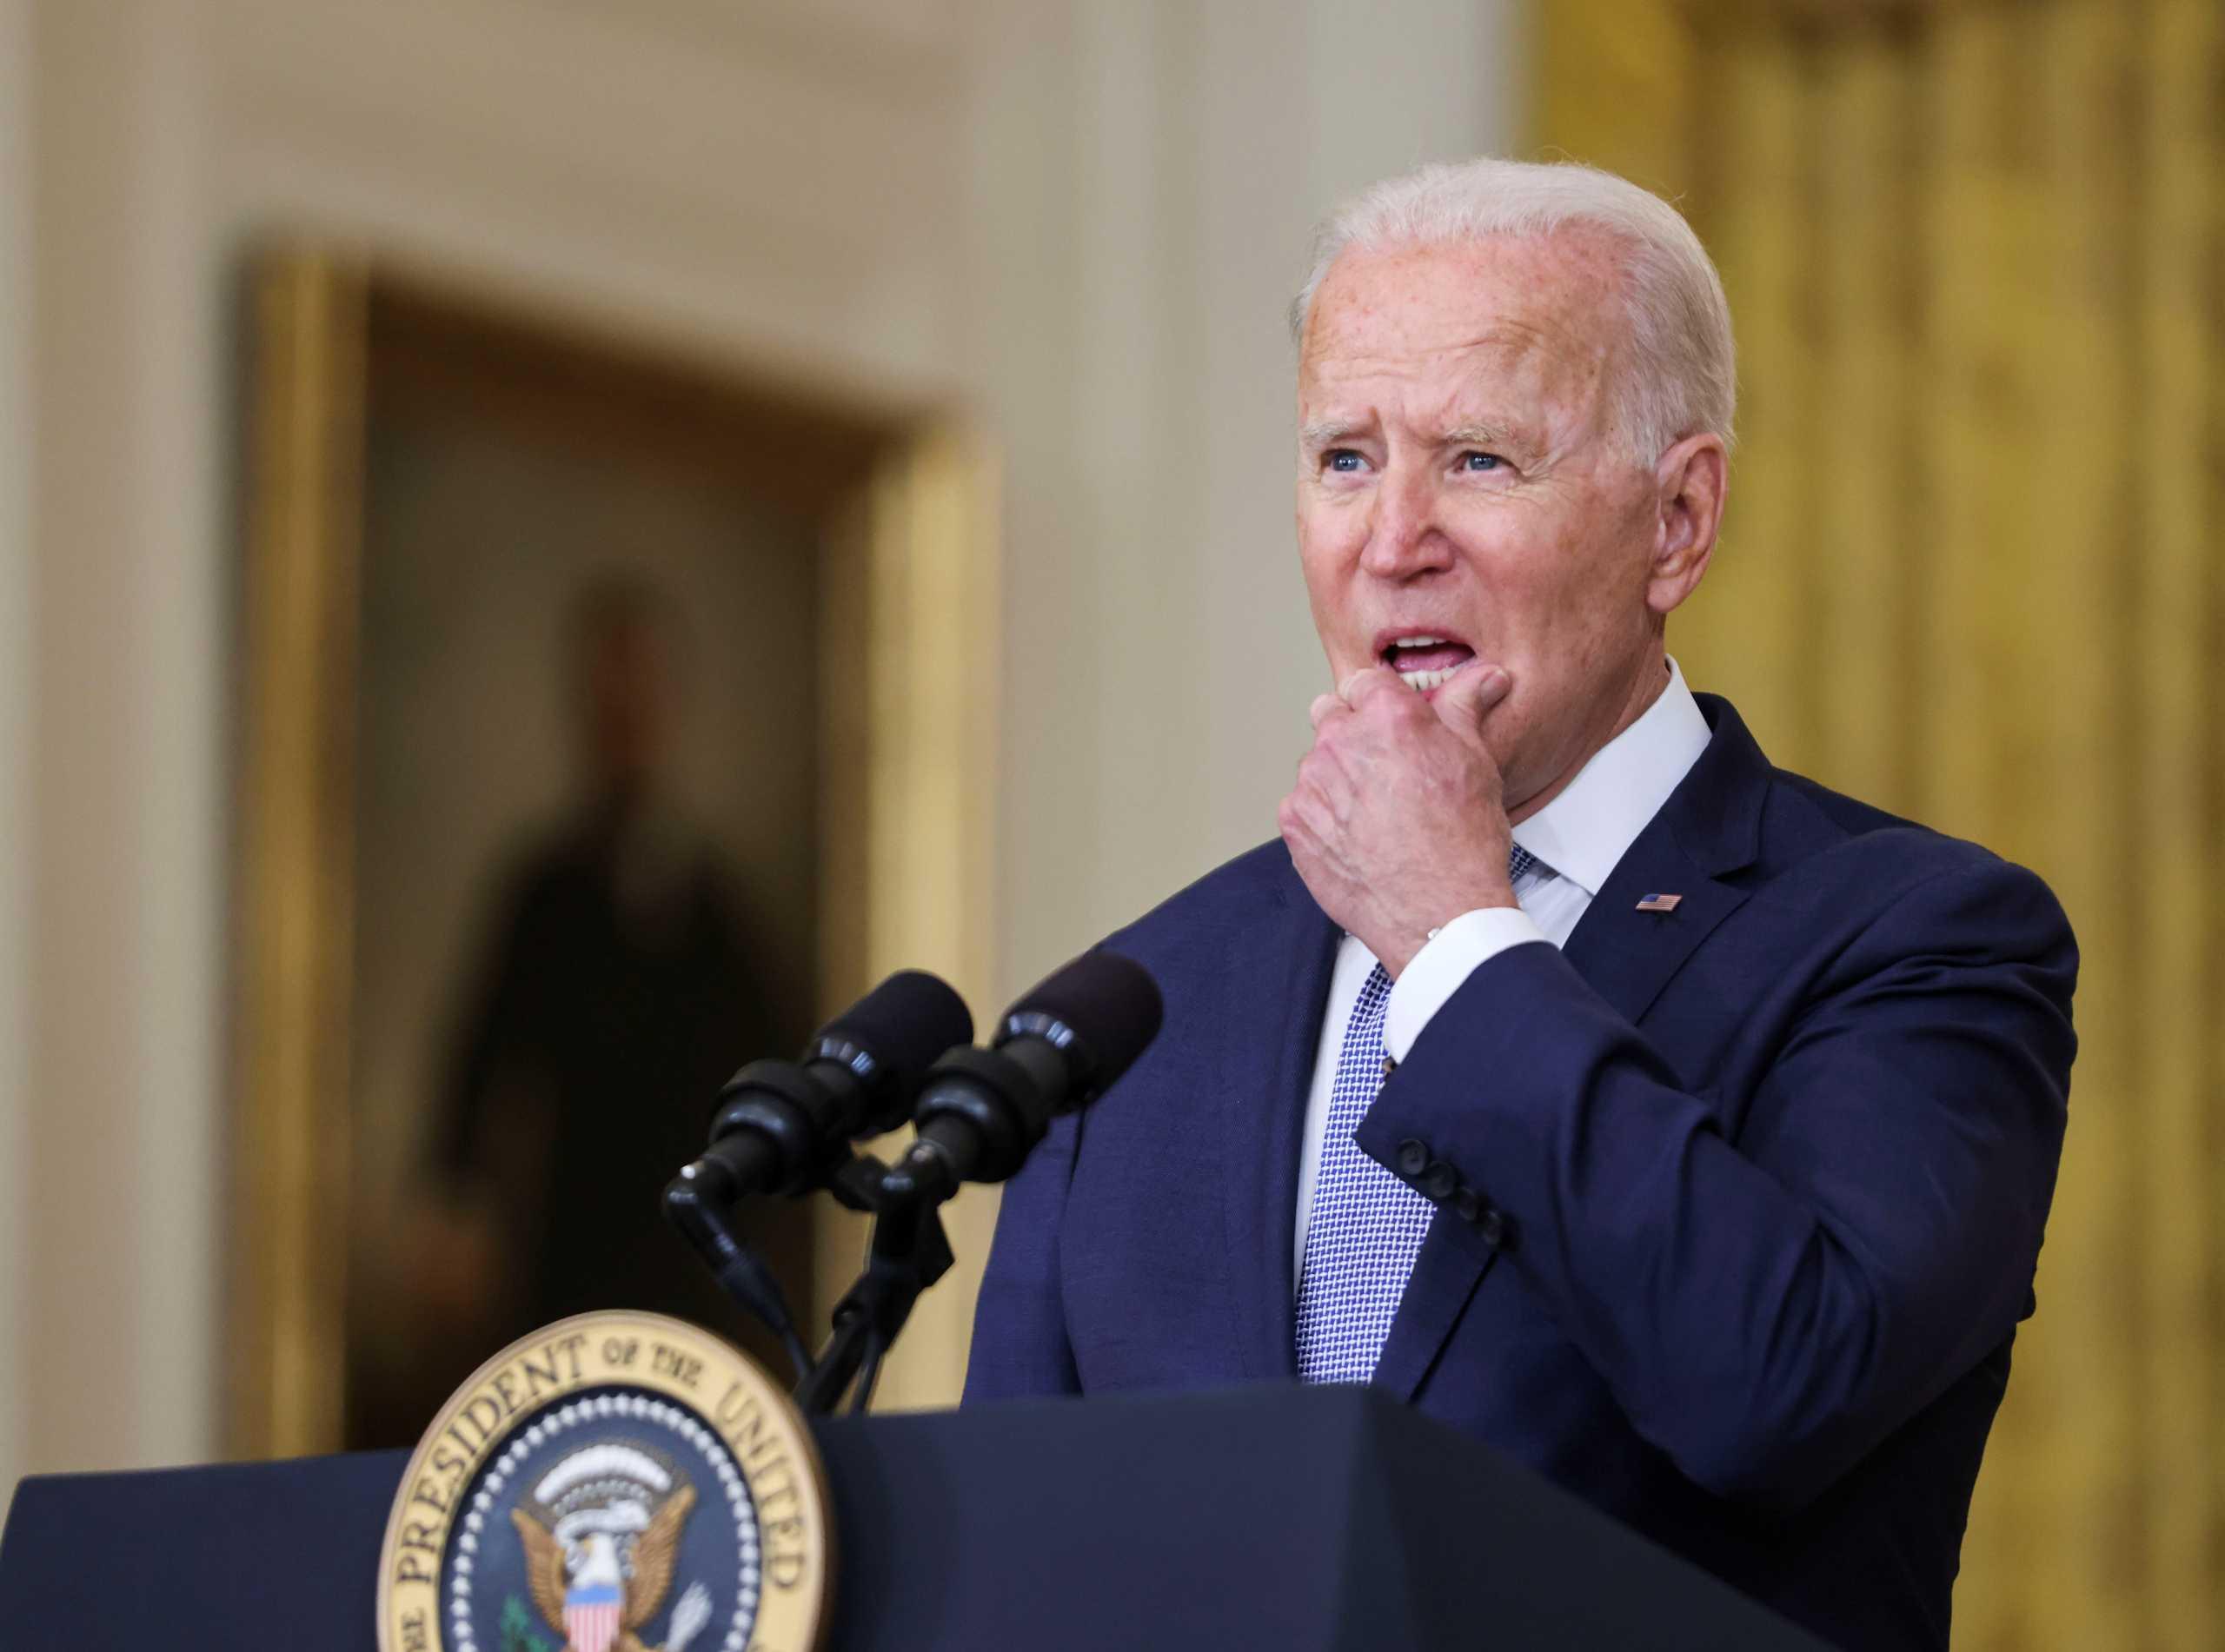 Στο χαμηλότερο επίπεδο της επτάμηνης προεδρίας του έπεσε η δημοτικότητα του Τζο Μπάιντεν μετά τα γεγονότα στο Αφγανιστάν